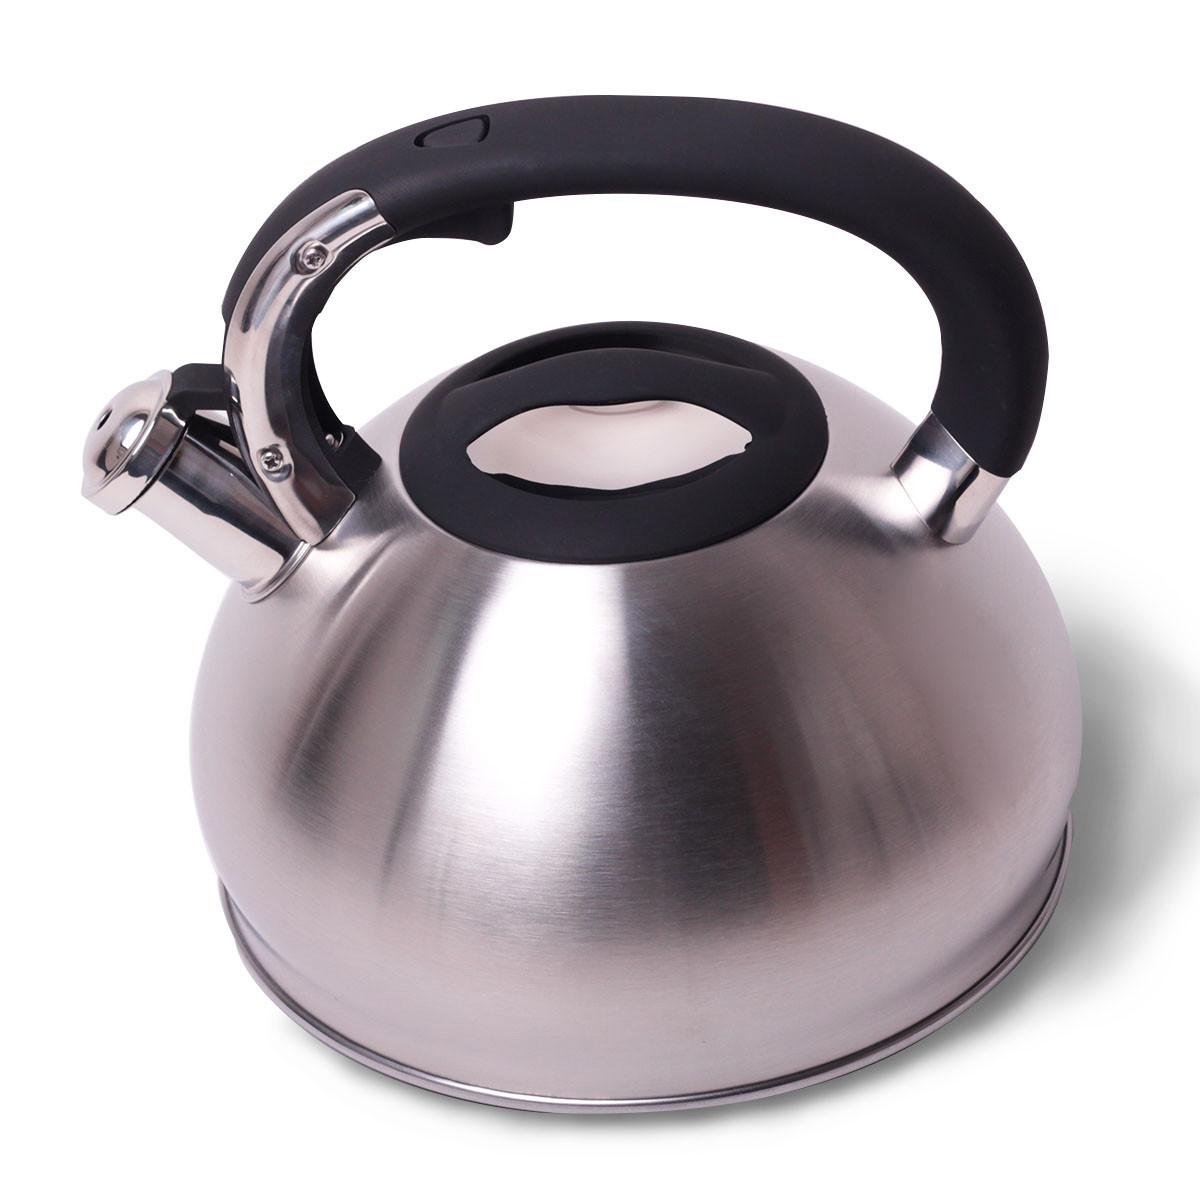 Чайник Kamille 3л из нержавеющей стали со свистком и черной бакелитовой ручкой